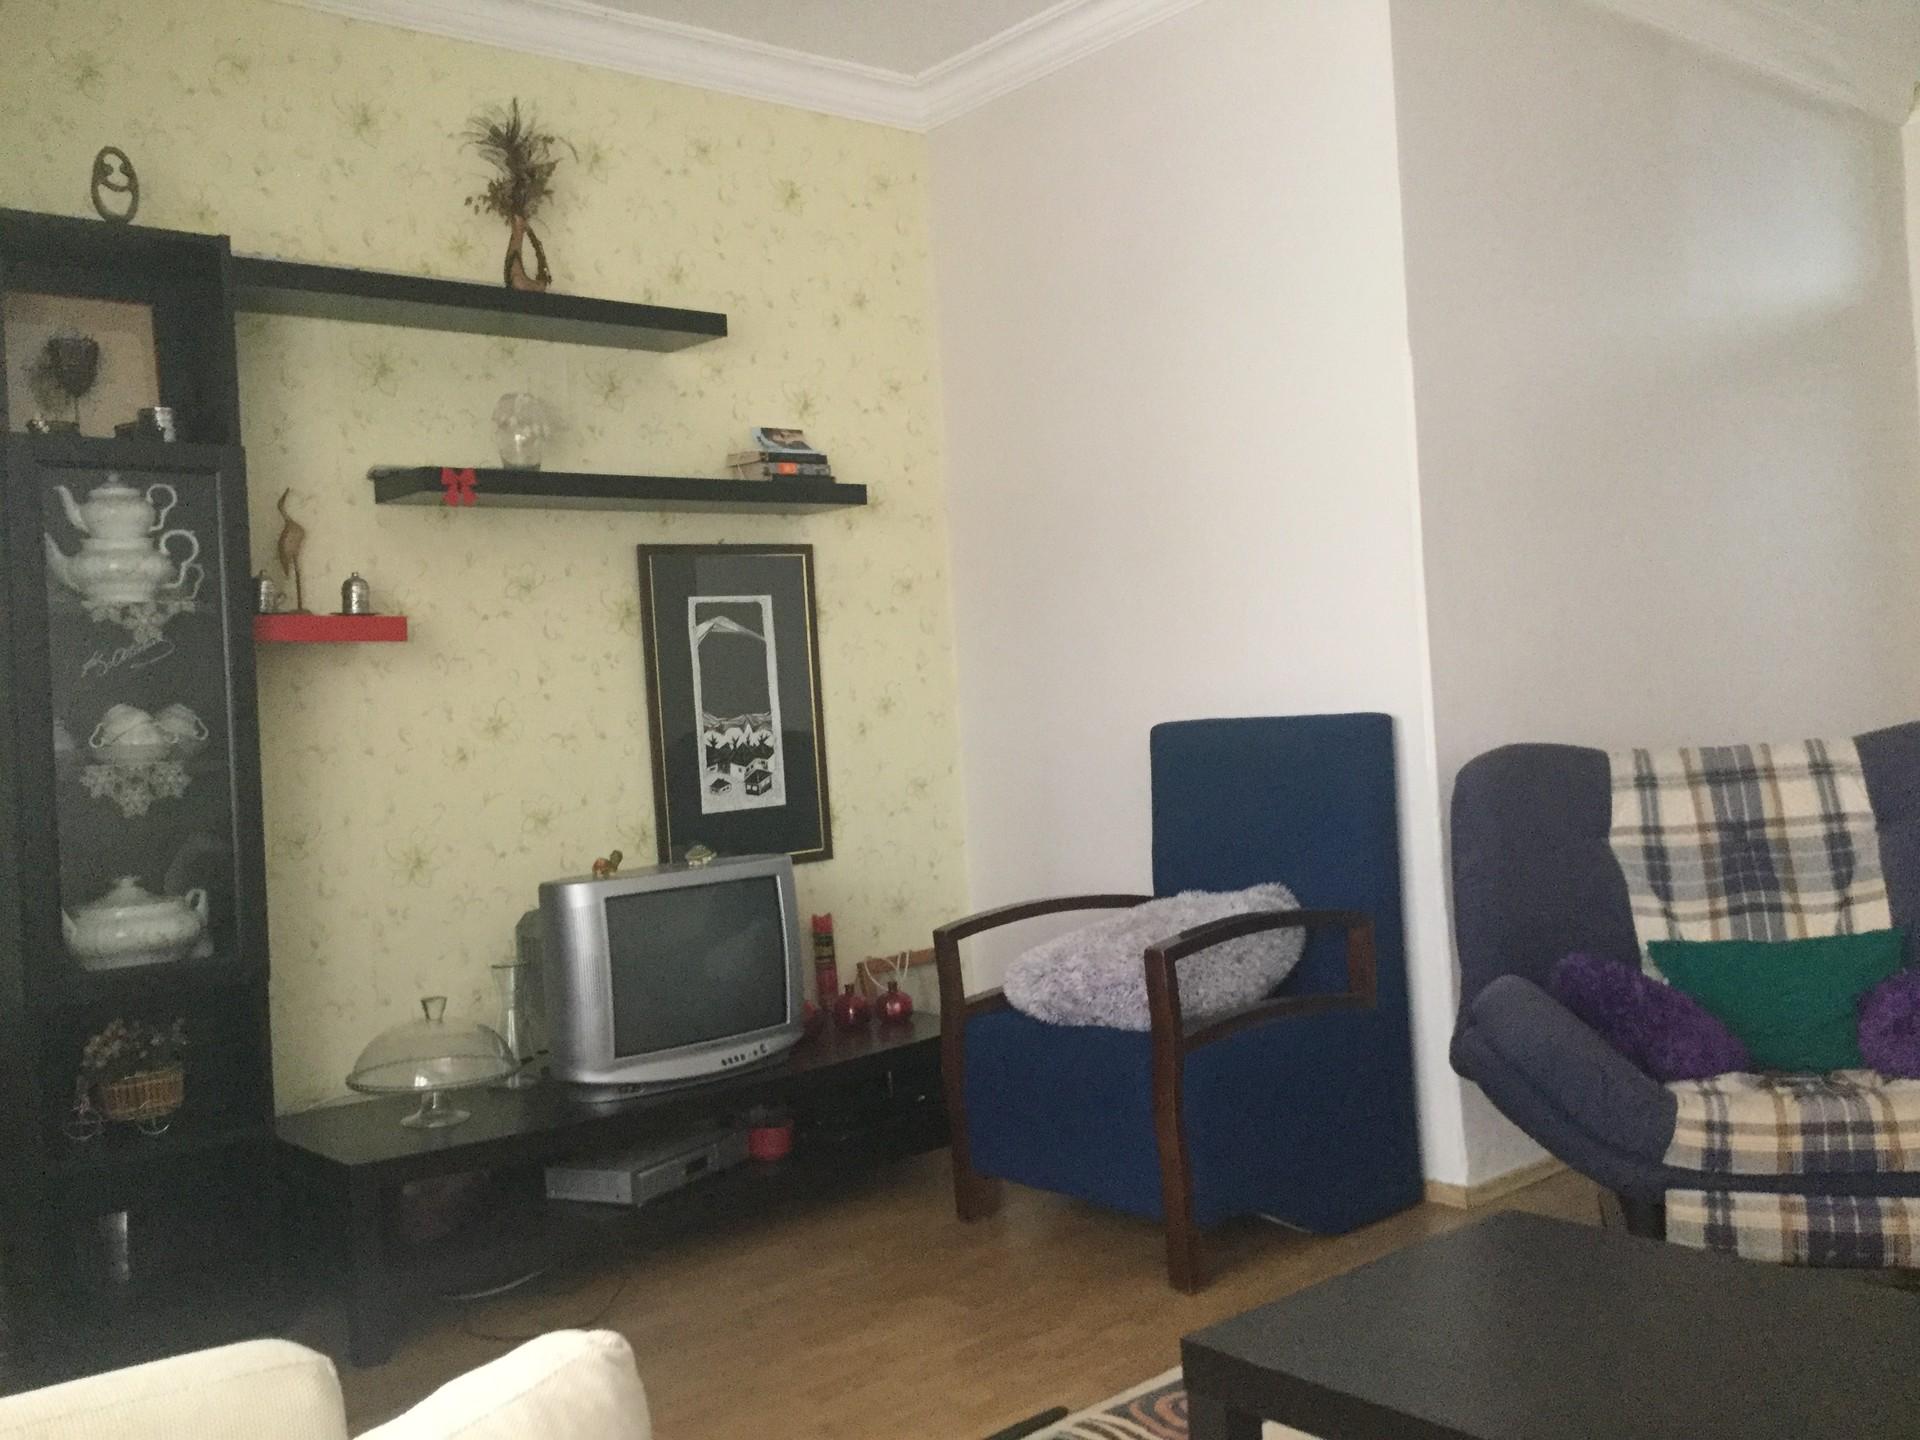 shared-room-garden-izmir-vegetarian-kitchen-603f7117949337dcf9bc9b3a16b558e3